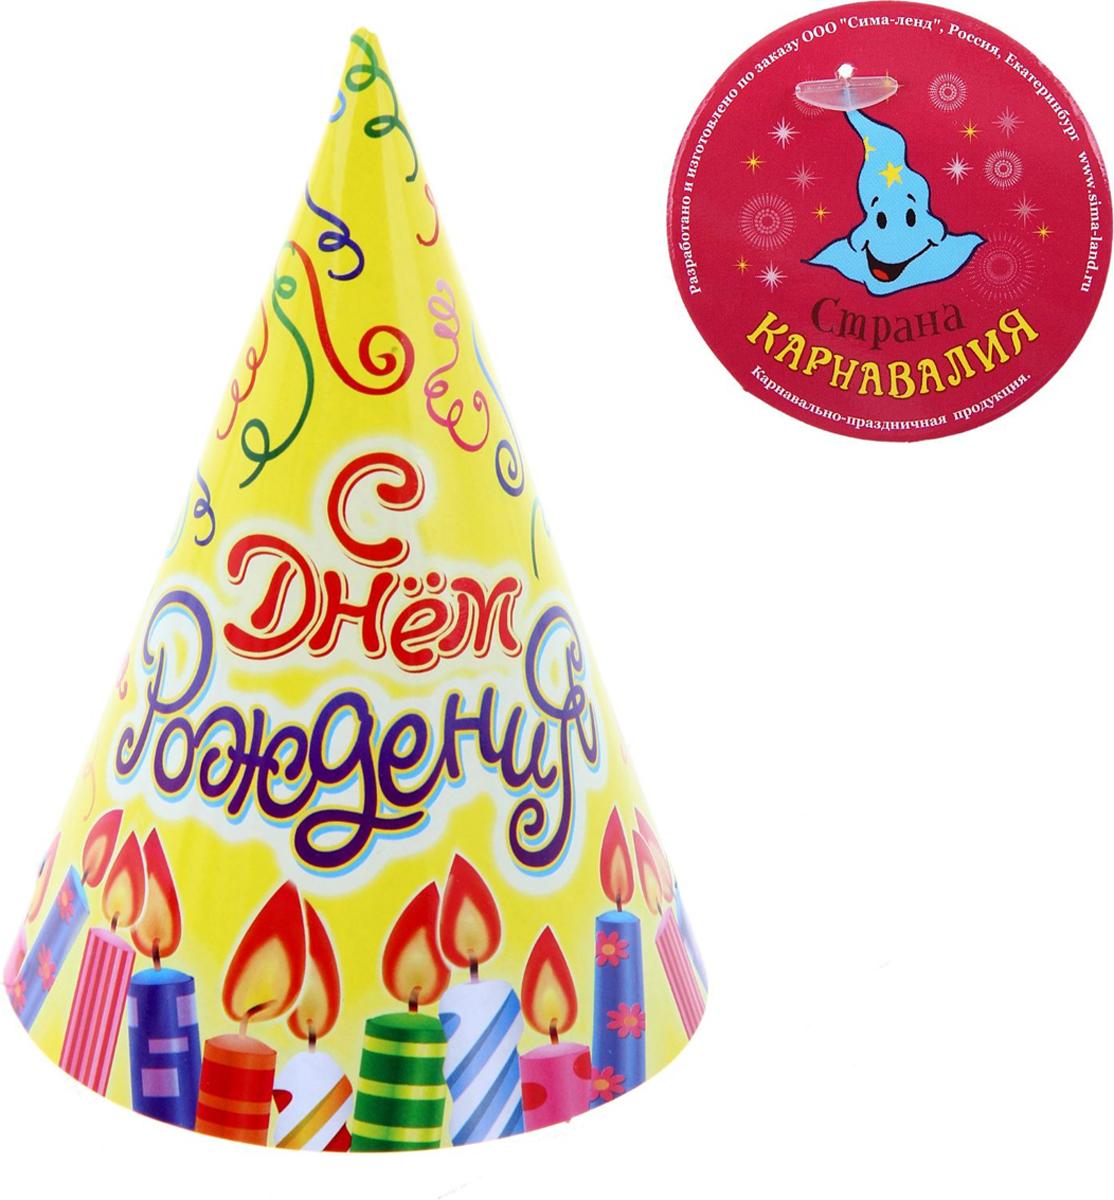 Страна Карнавалия Колпак бумажный С Днем Рождения свечи и серпантин 6 шт страна карнавалия шар воздушный с днем рождения корона 5 шт